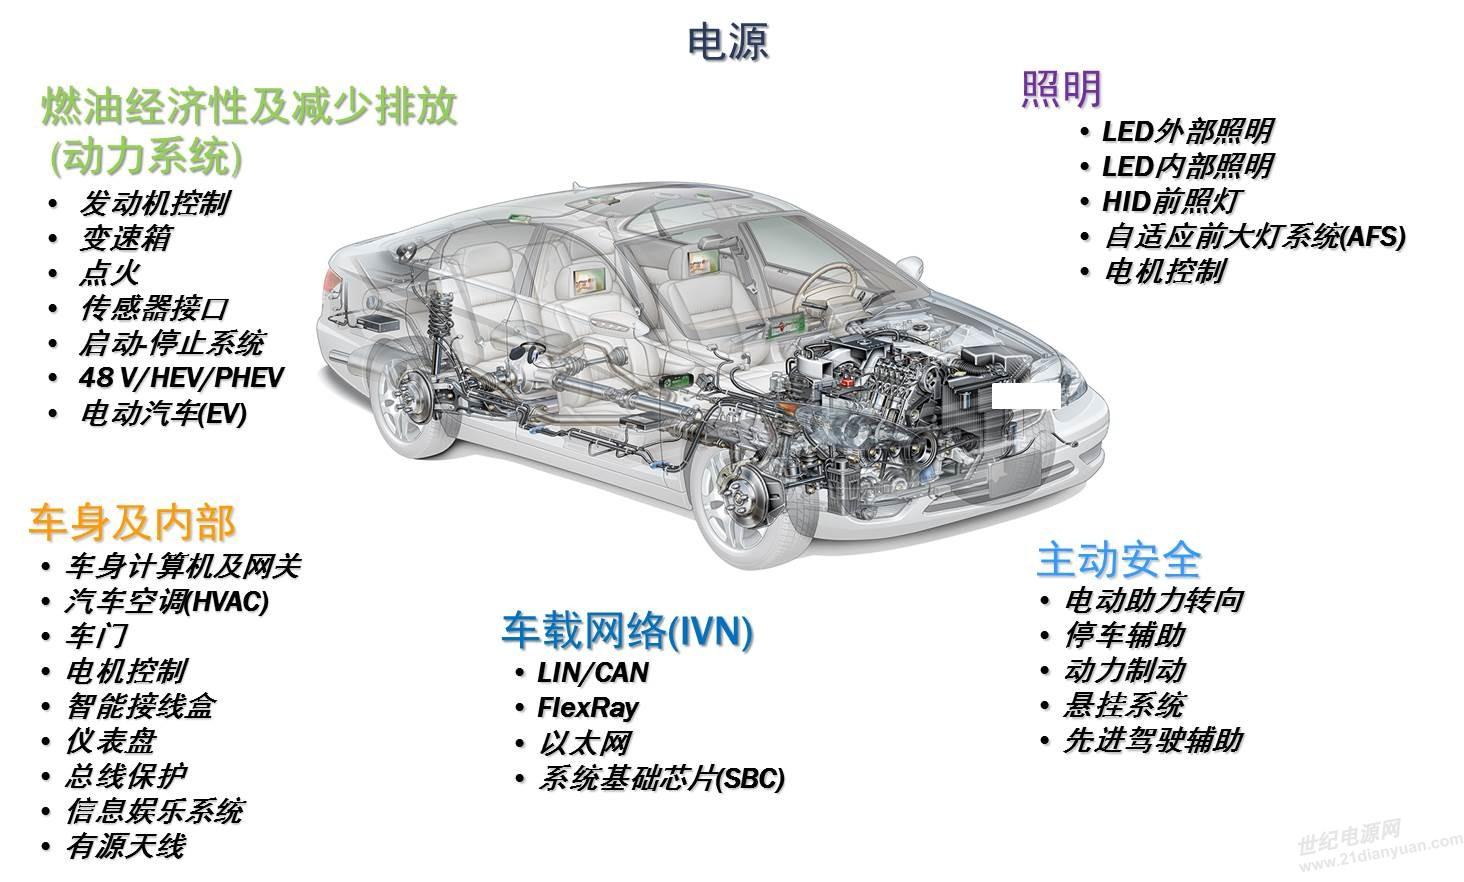 1. 开发各种DC-DC转换器,以保证能量从一种电压等级到另一种电压等级的高转换效率,比如从48 V到12 V, 从300 V到48 V, 从12 V到220 V等。 此外,针对汽车引擎盖下的高温和苛刻条件,安森美半导体推出智能功率模块IPM STK984-17X系列产品,集成智能无传感器无刷直流电机(BLDC)控制器LV8907、6个独立的MOSFET、精密分流电阻器、热敏电阻和系统外围元件。其中LV8907无需任何位置传感器,预先载入配置寄存器,无需软件,可以独立模式驱动电机,无需外部系统控制器,LV